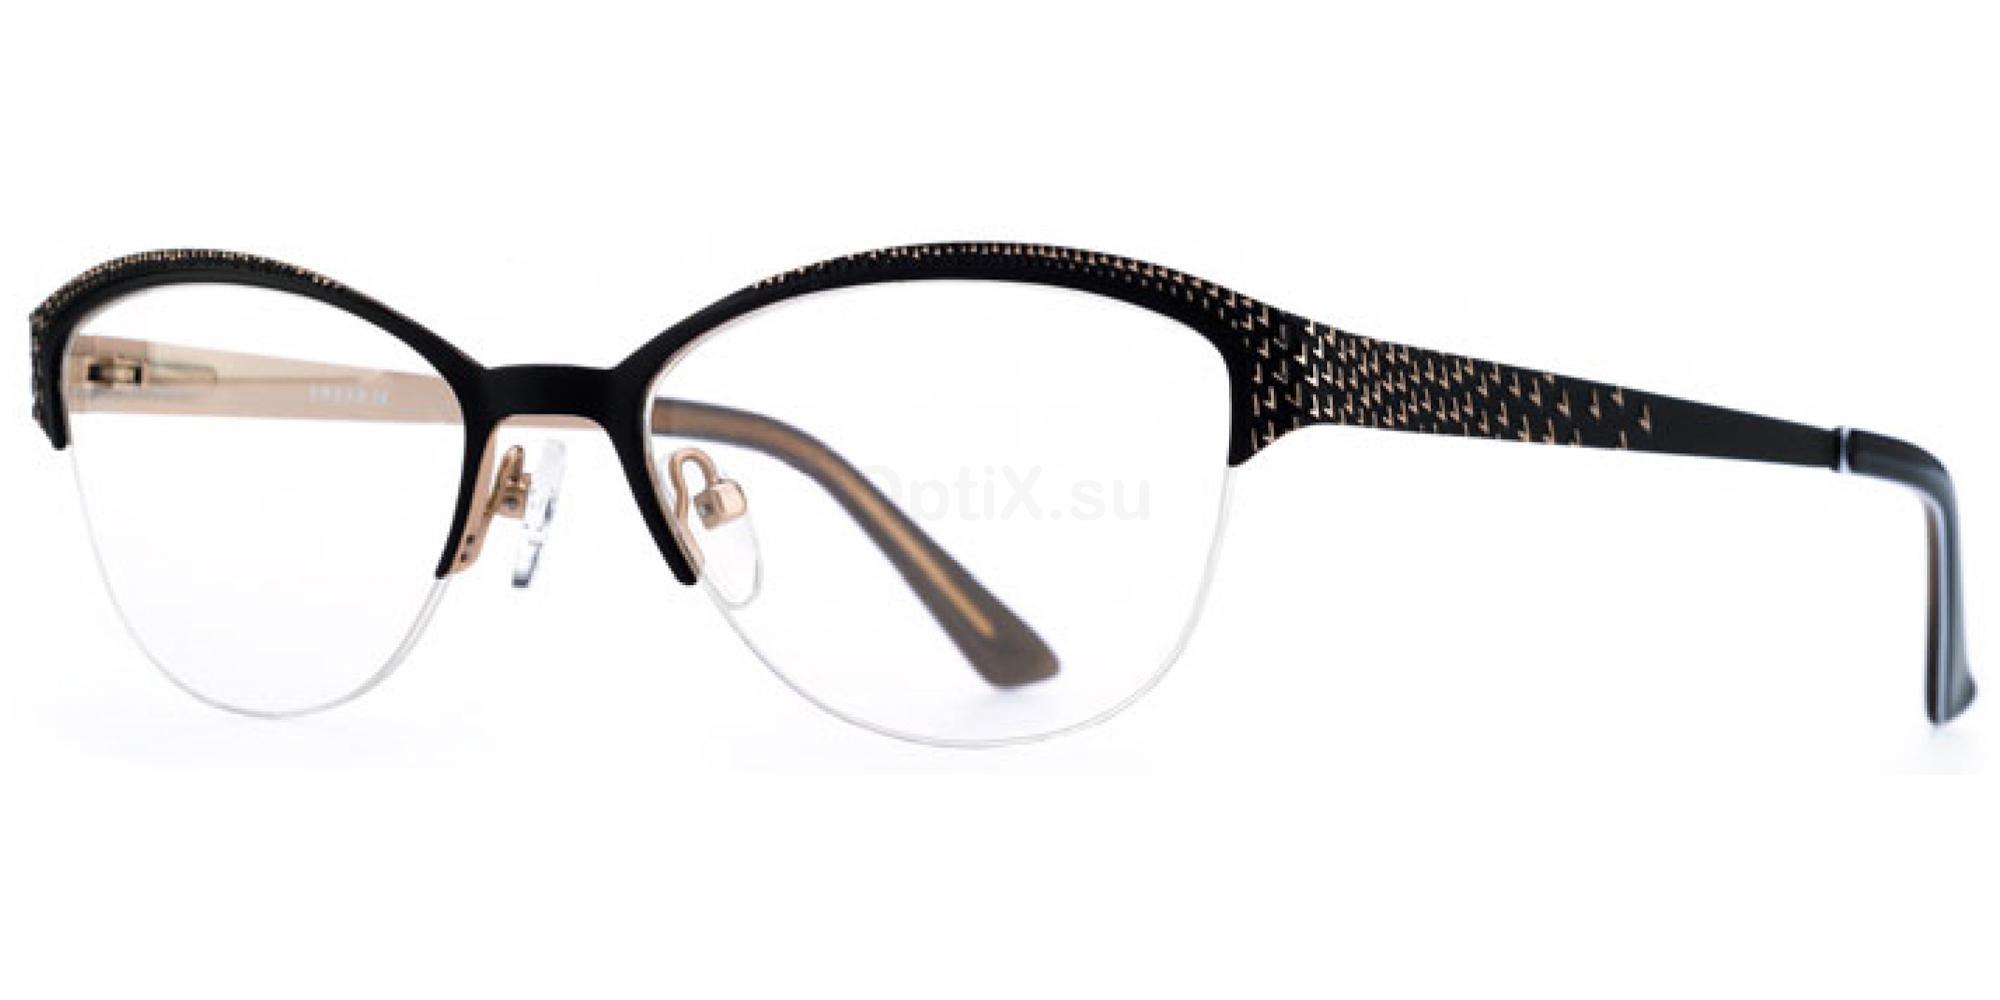 C1 i Wear 6050 Glasses, i Wear